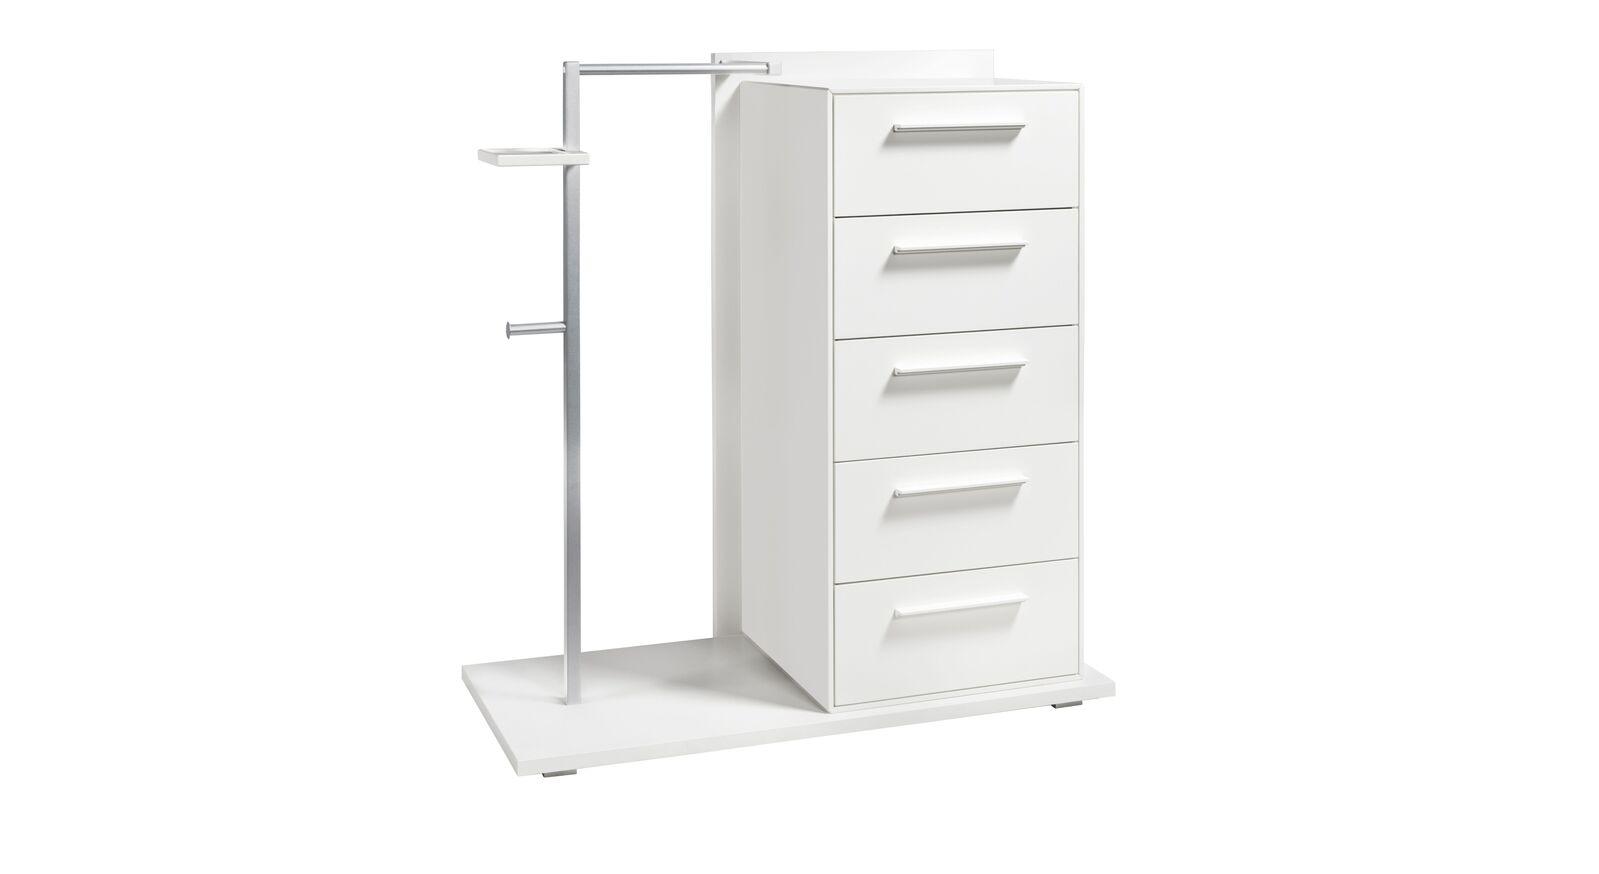 Garderoben-Kommode Cilona mit alufarbener Metallstange und weißen Platten